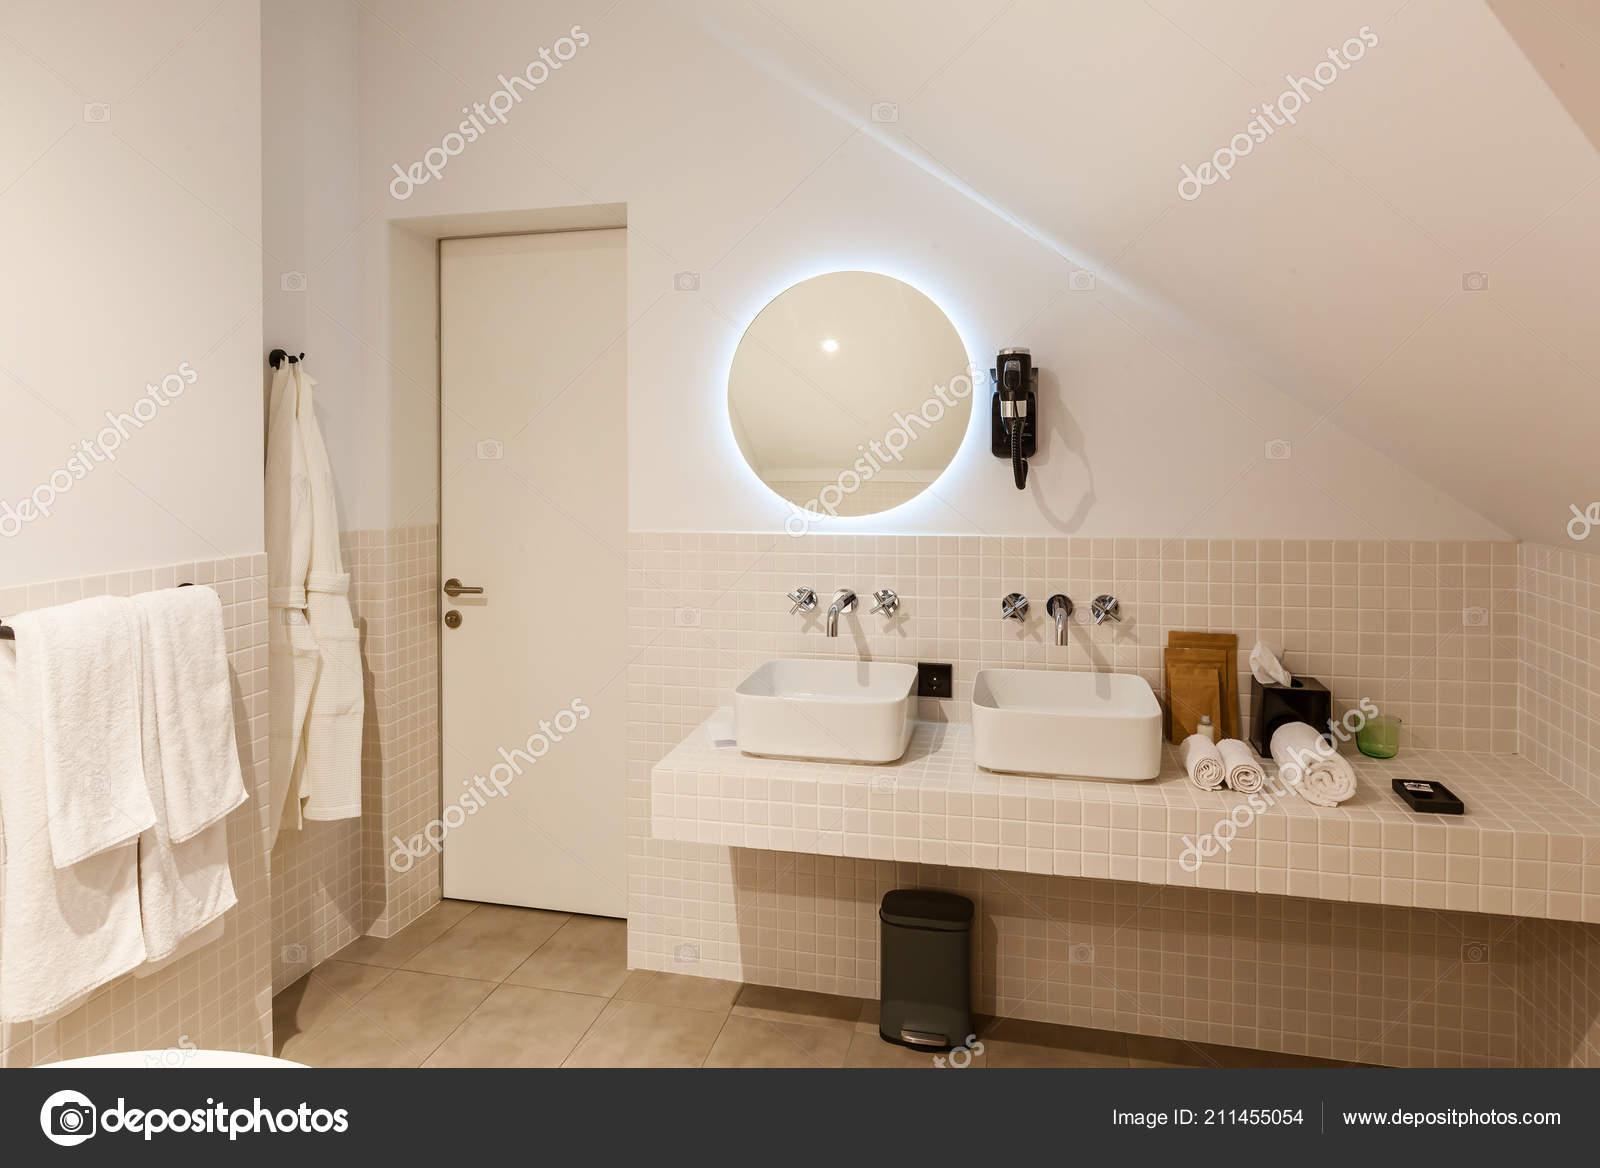 Interior dise o ba o moderno ba o art culos ba o secador for Banos modernos diseno interior